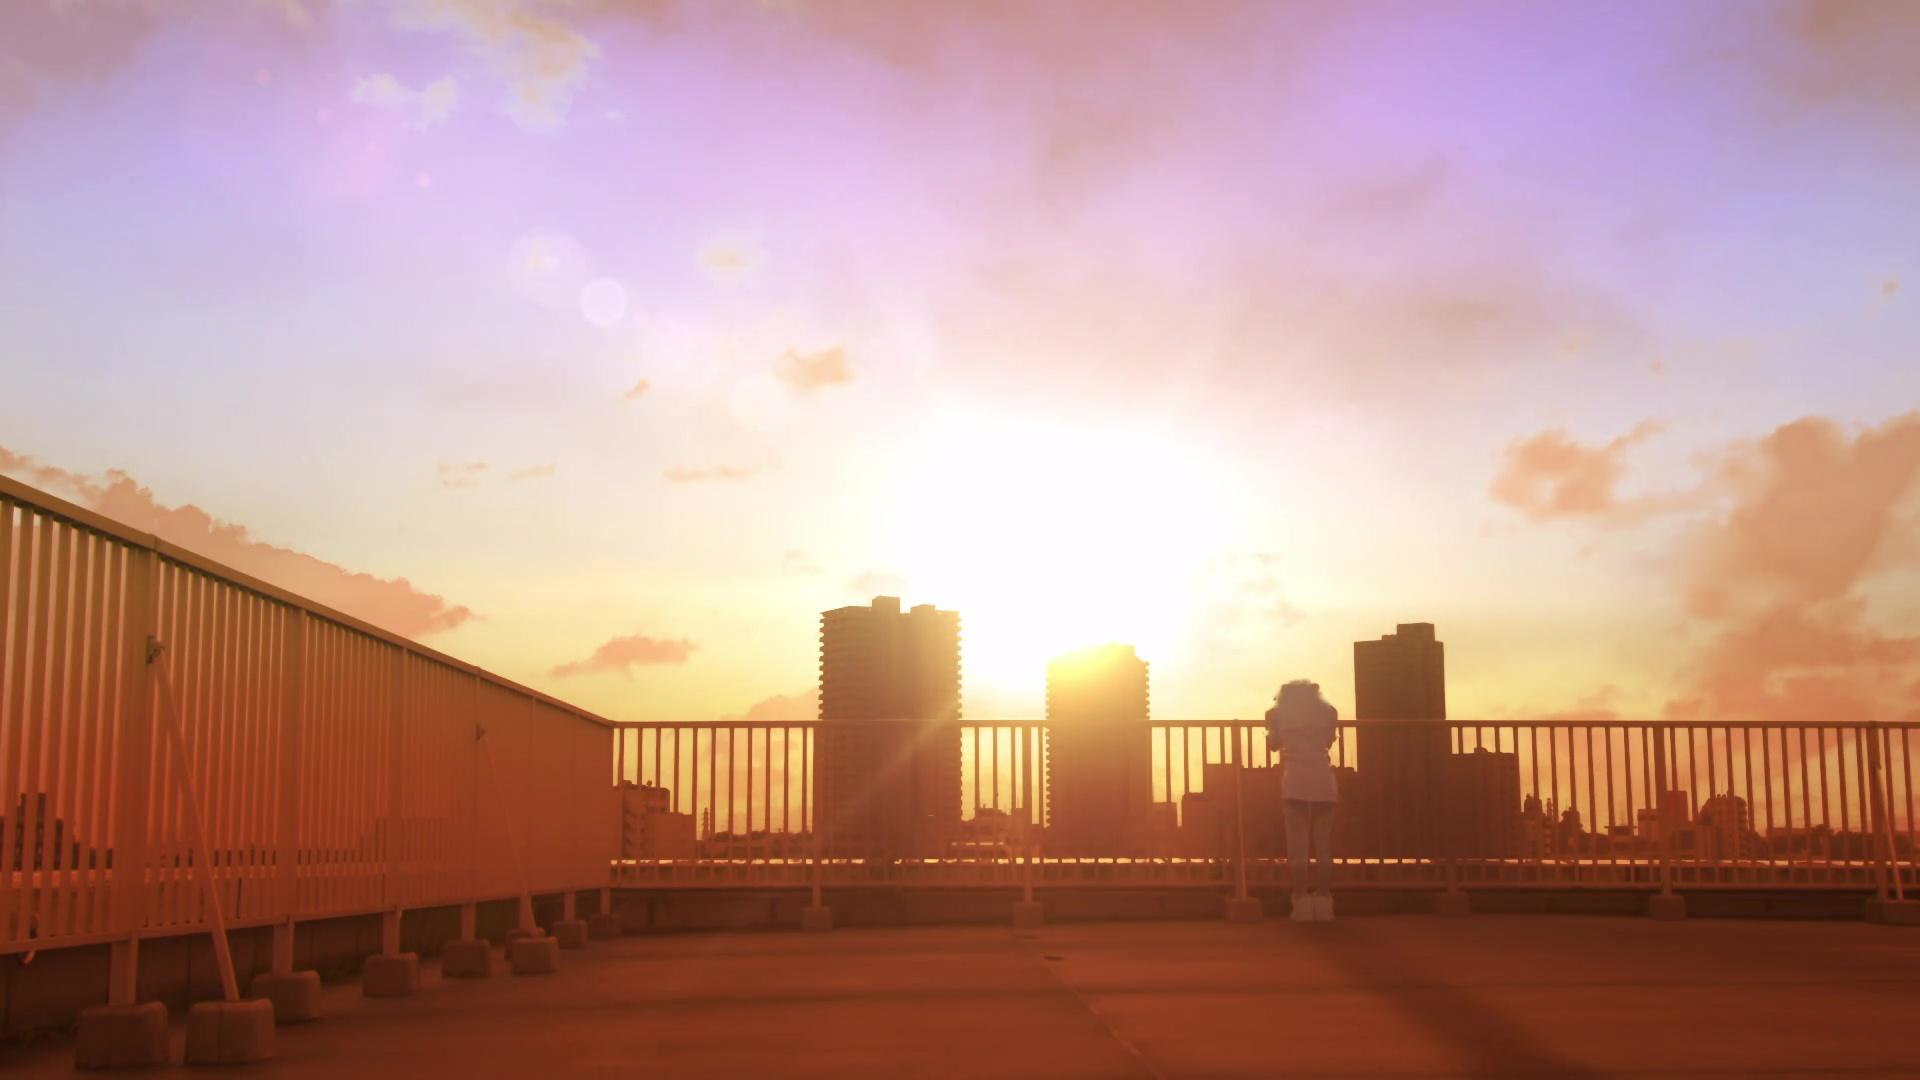 Mashin Sentai Kiramager Episode 13 Recap